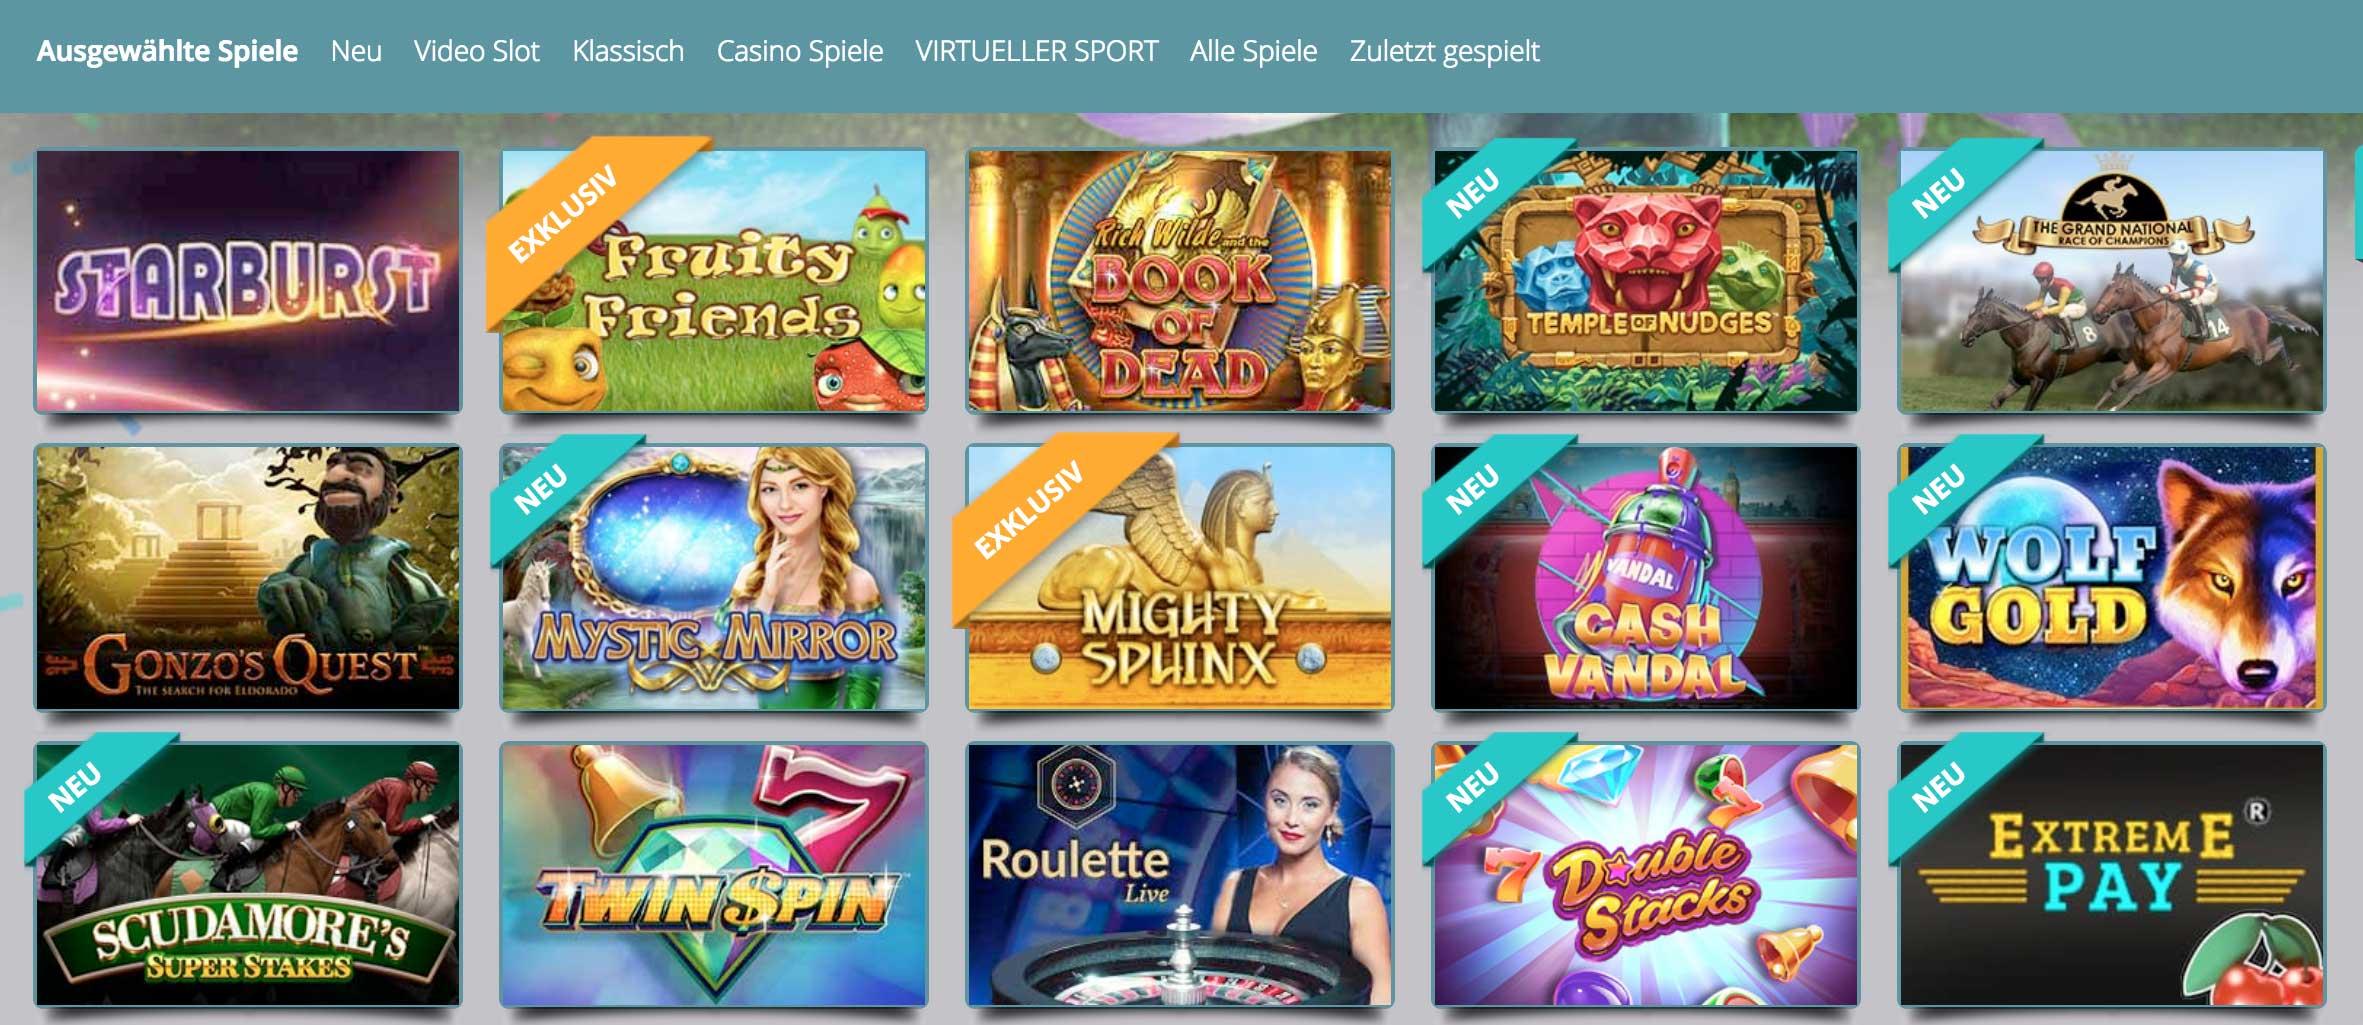 Casino Spieleliste für 20 Freispiele ohne Einzahlung